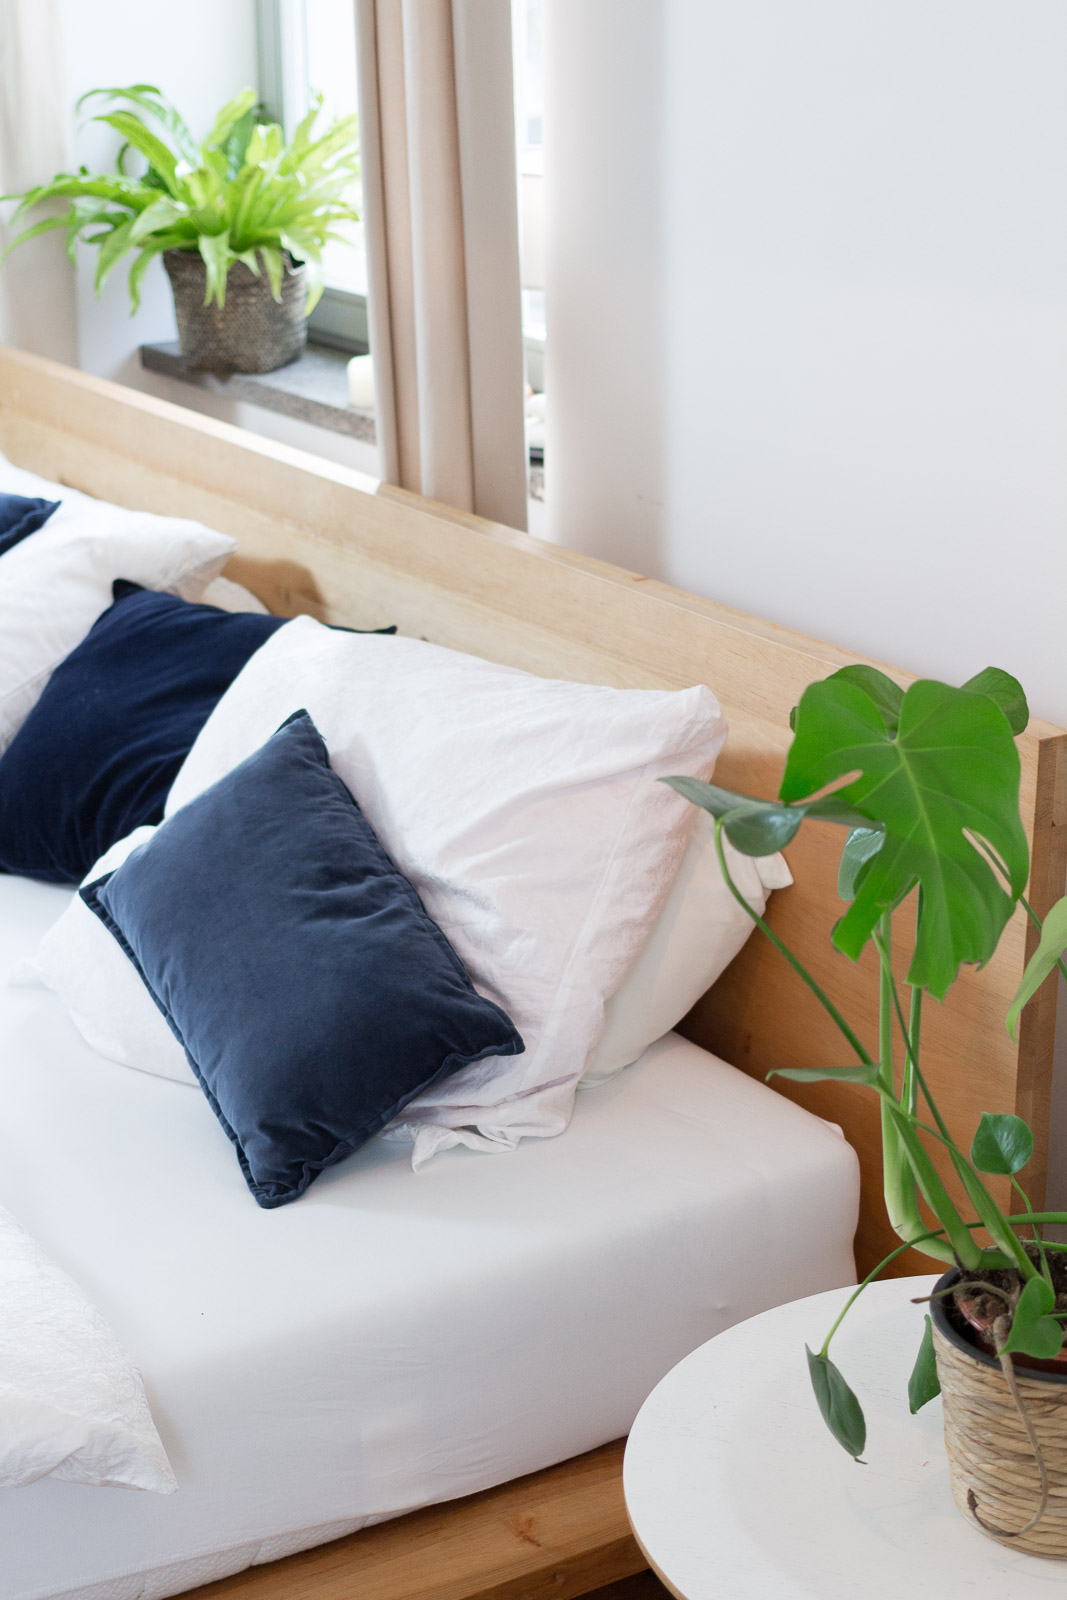 Zimmerpflanzen im Schlafzimmer - Garten Fräulein